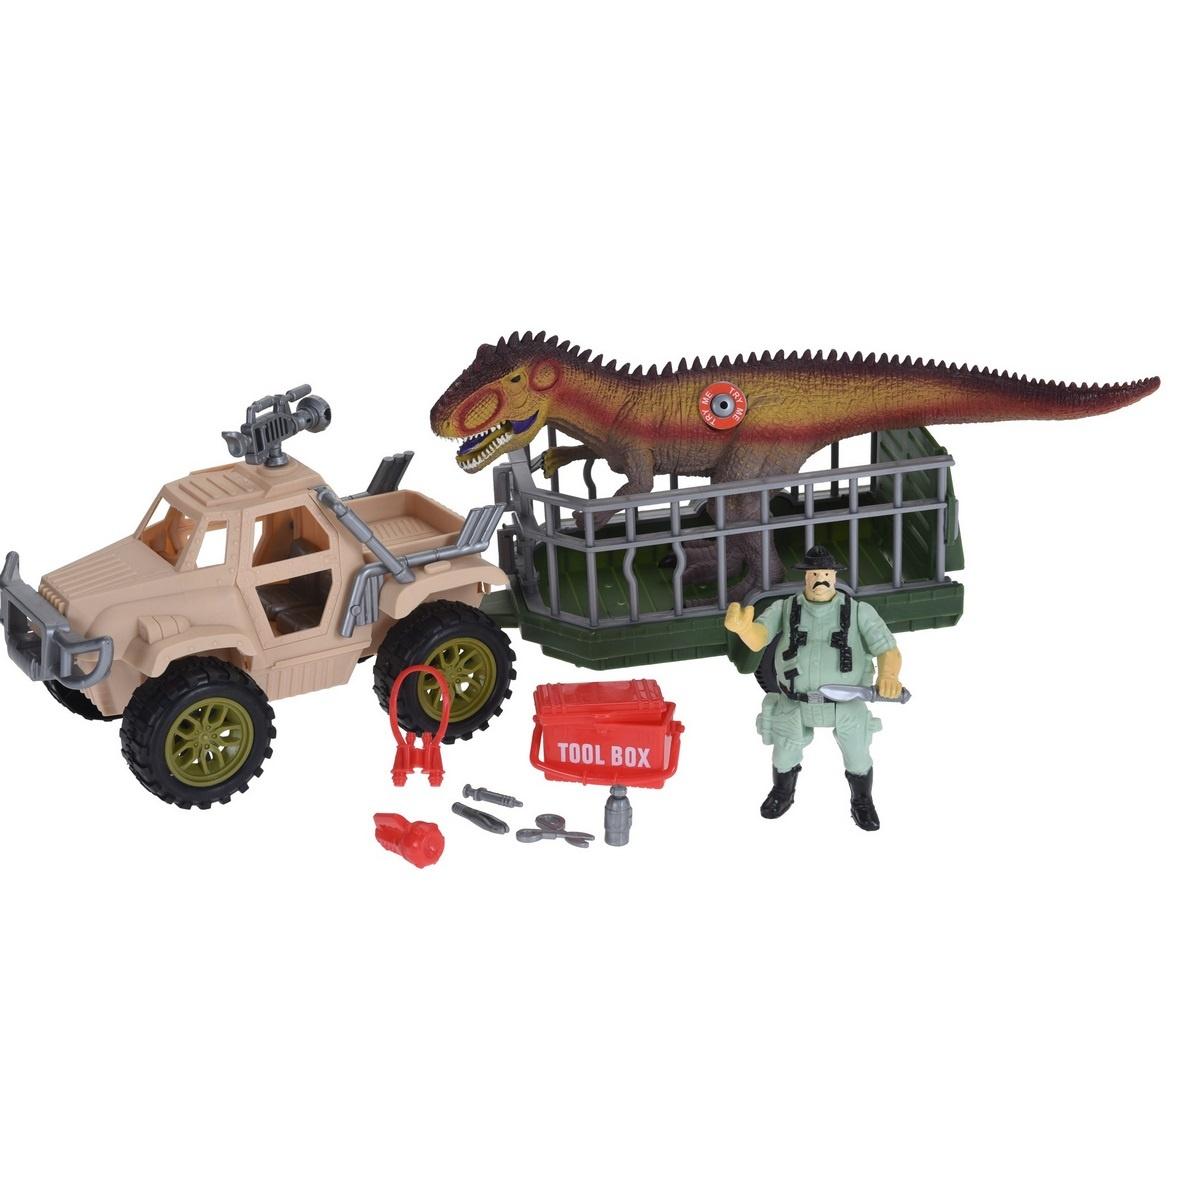 Dětský hrací set Dinosaur trailer, 4 ks